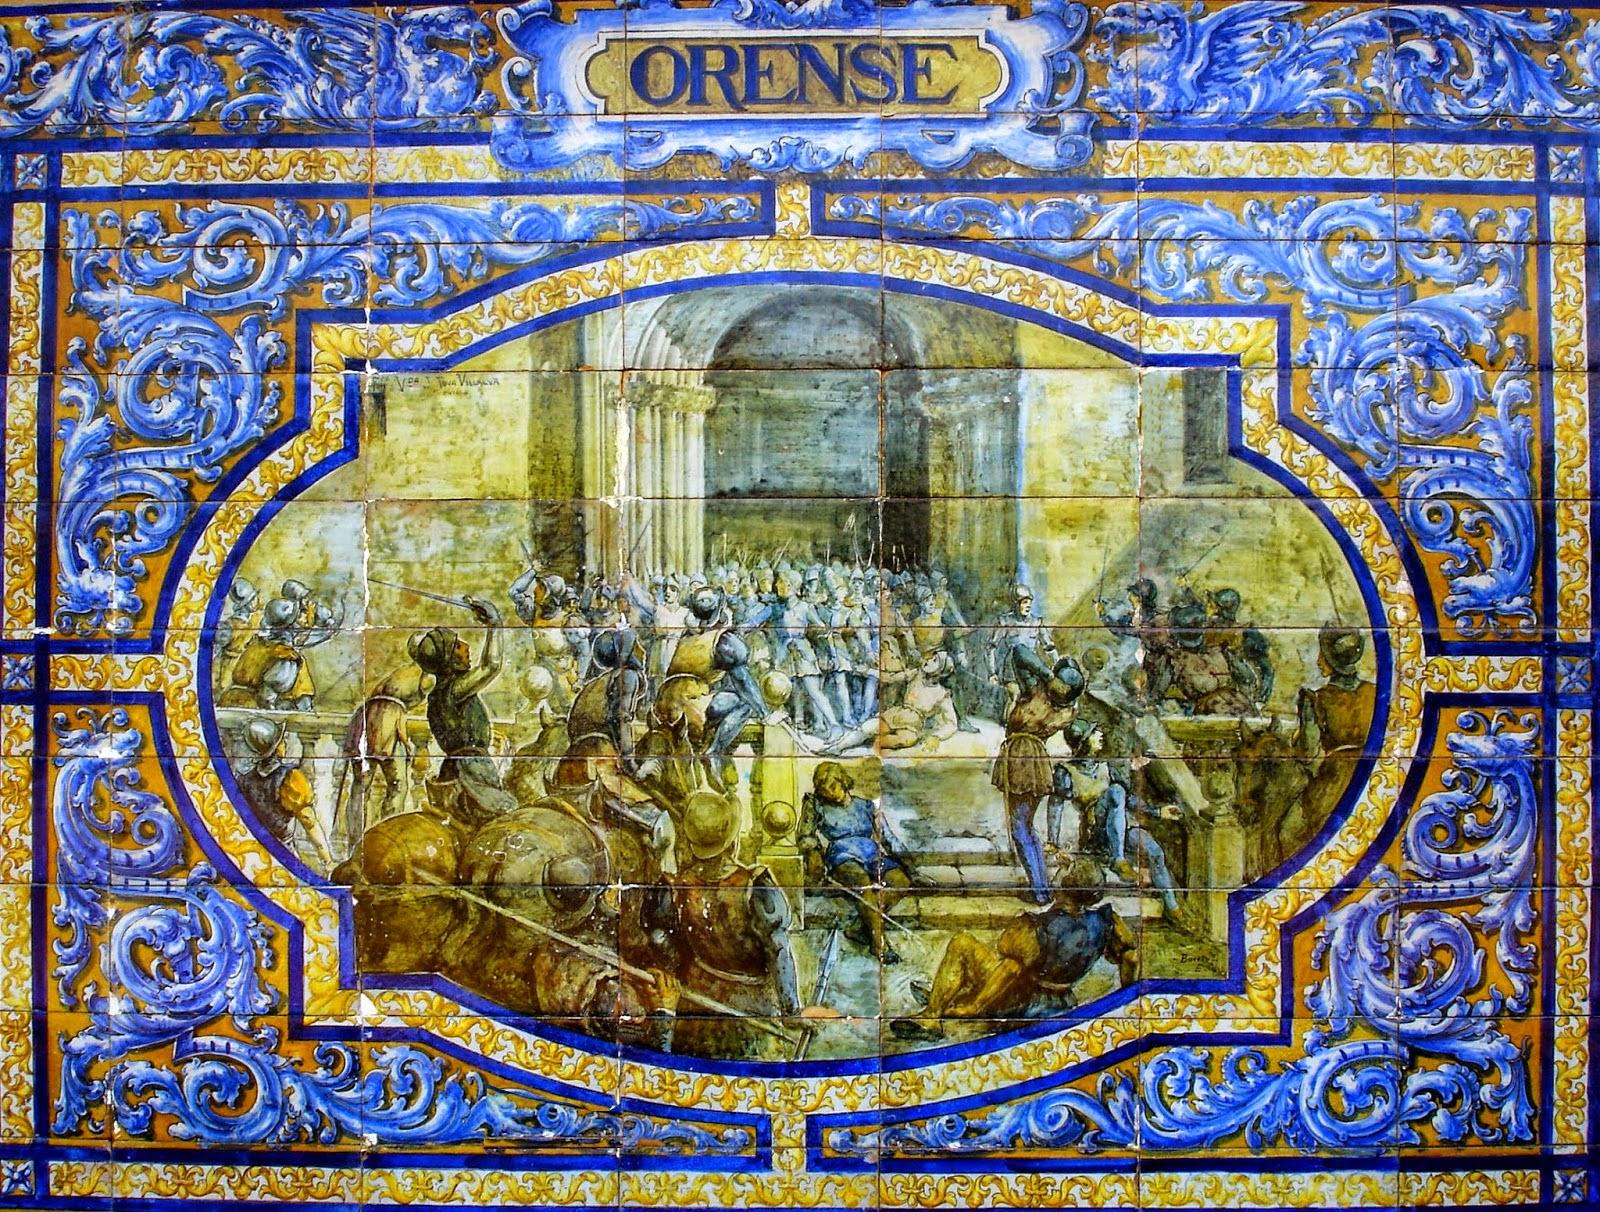 El asedio de Orense pintado sobre azulejos